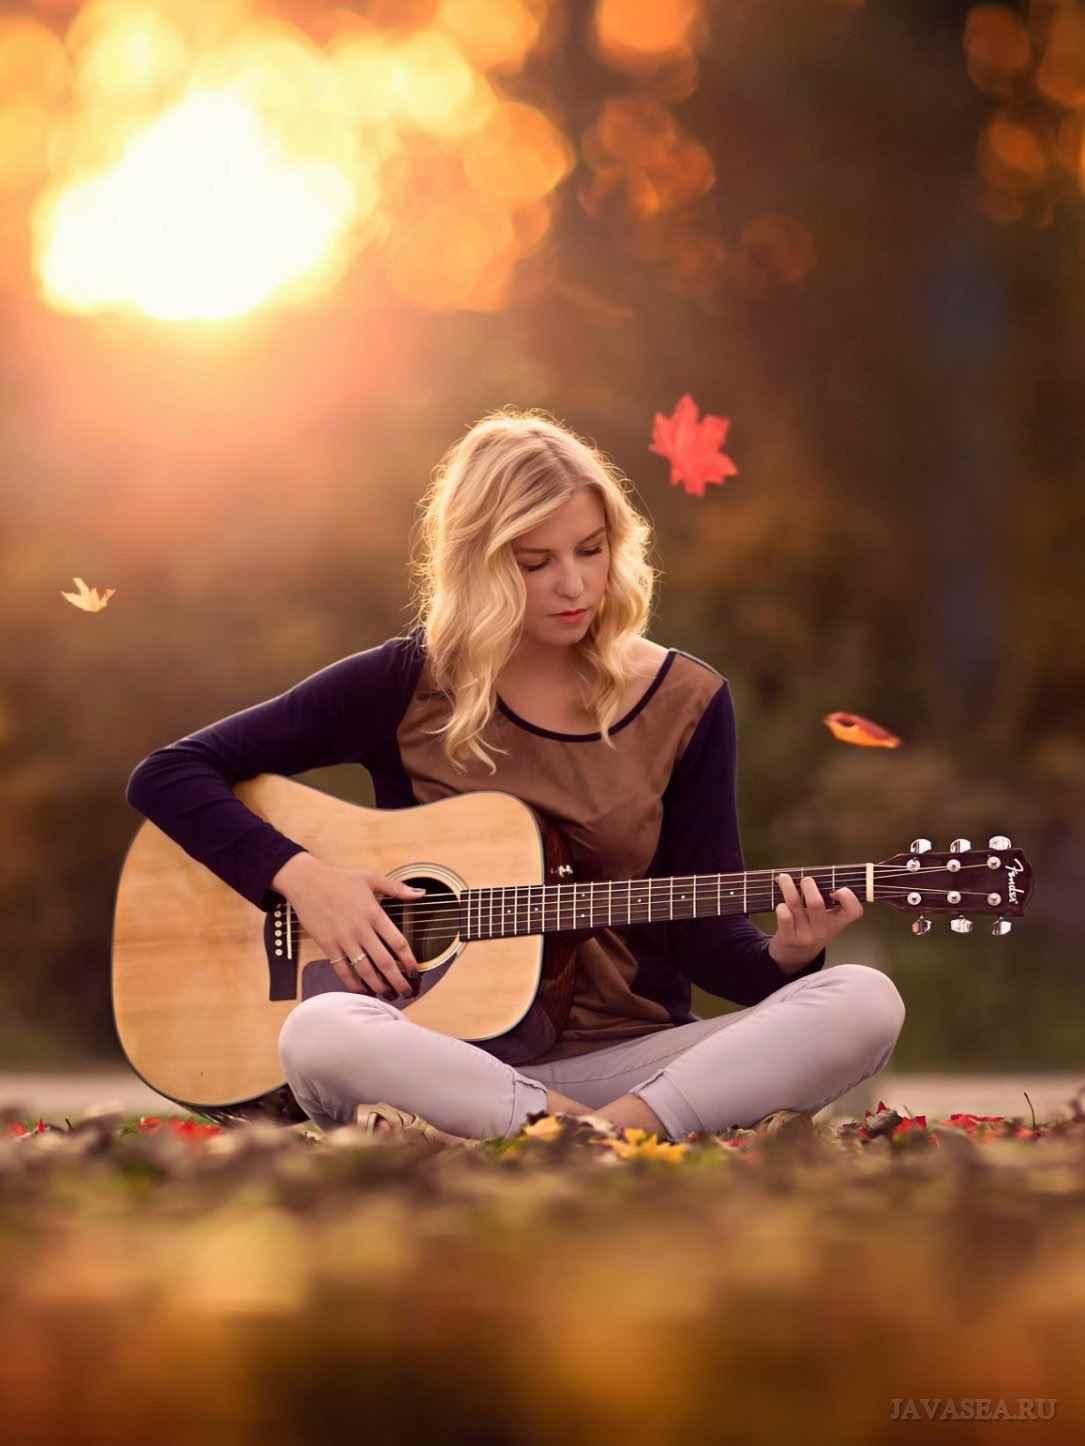 Красивая девушка с гитарой фото, картинки 16